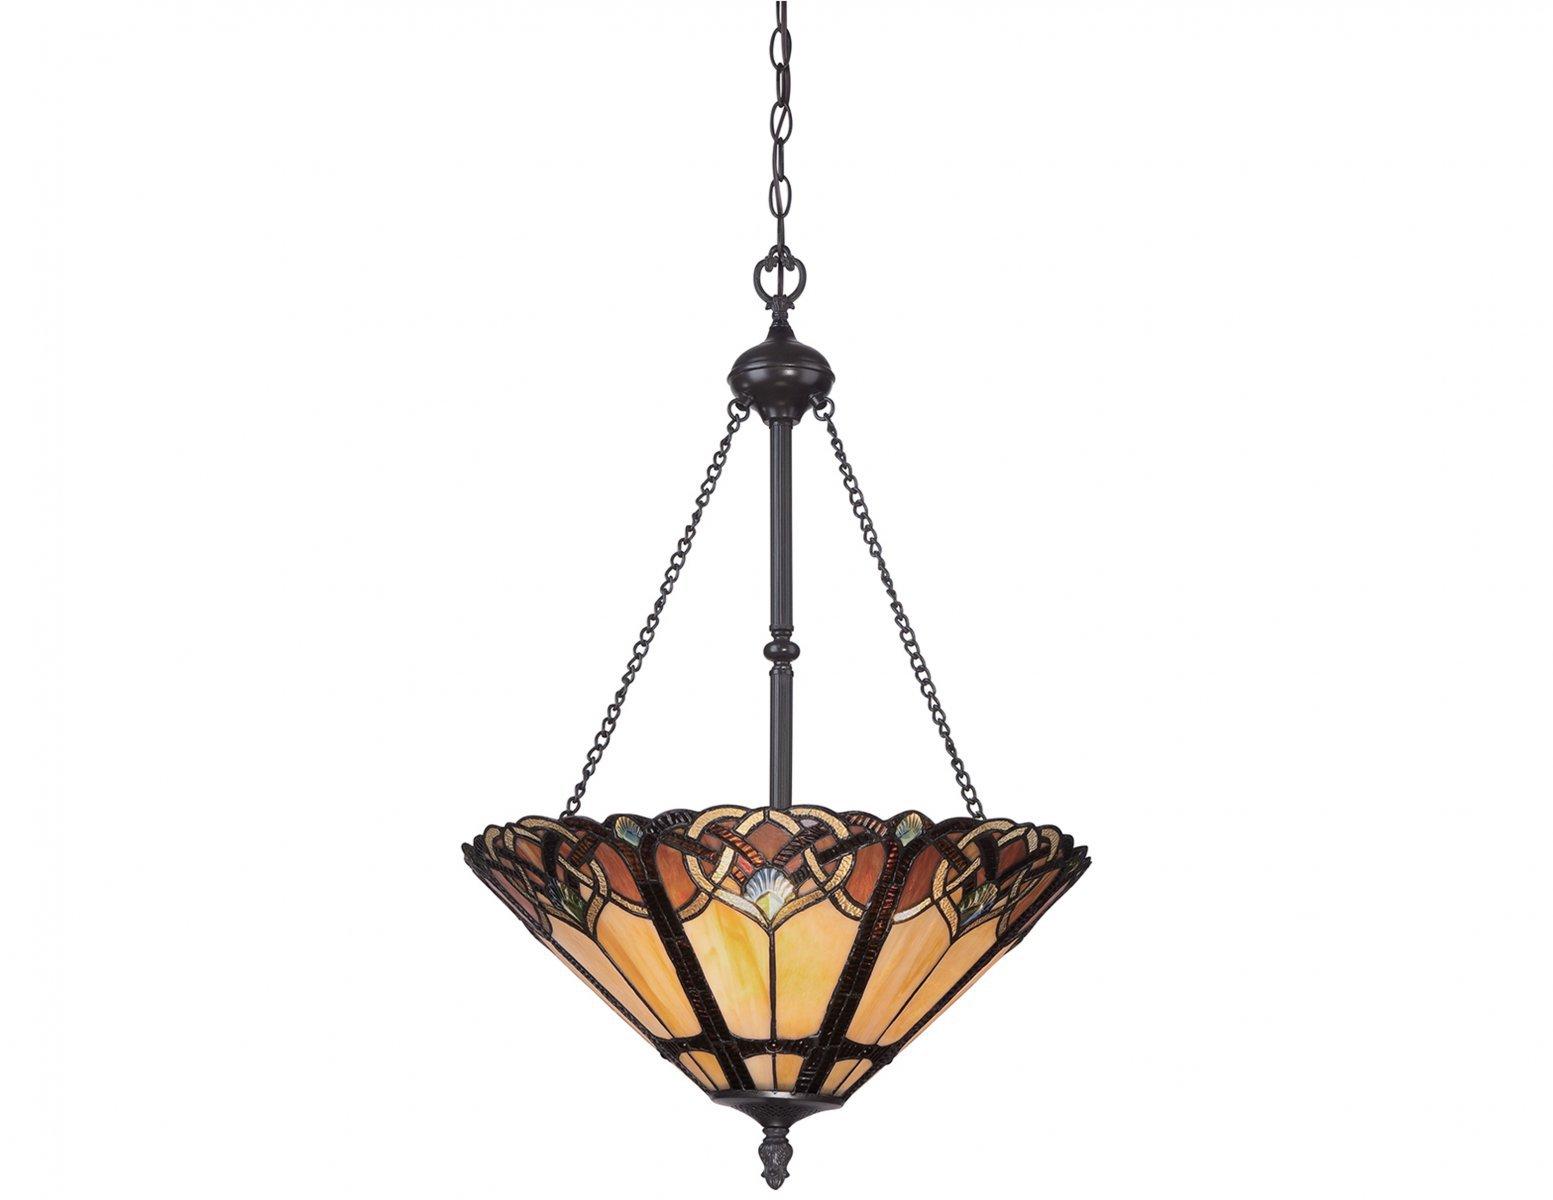 Lampa wisząca klasyczna klosz z artystyczną mozaiką złożoną z 371 elementów szkła